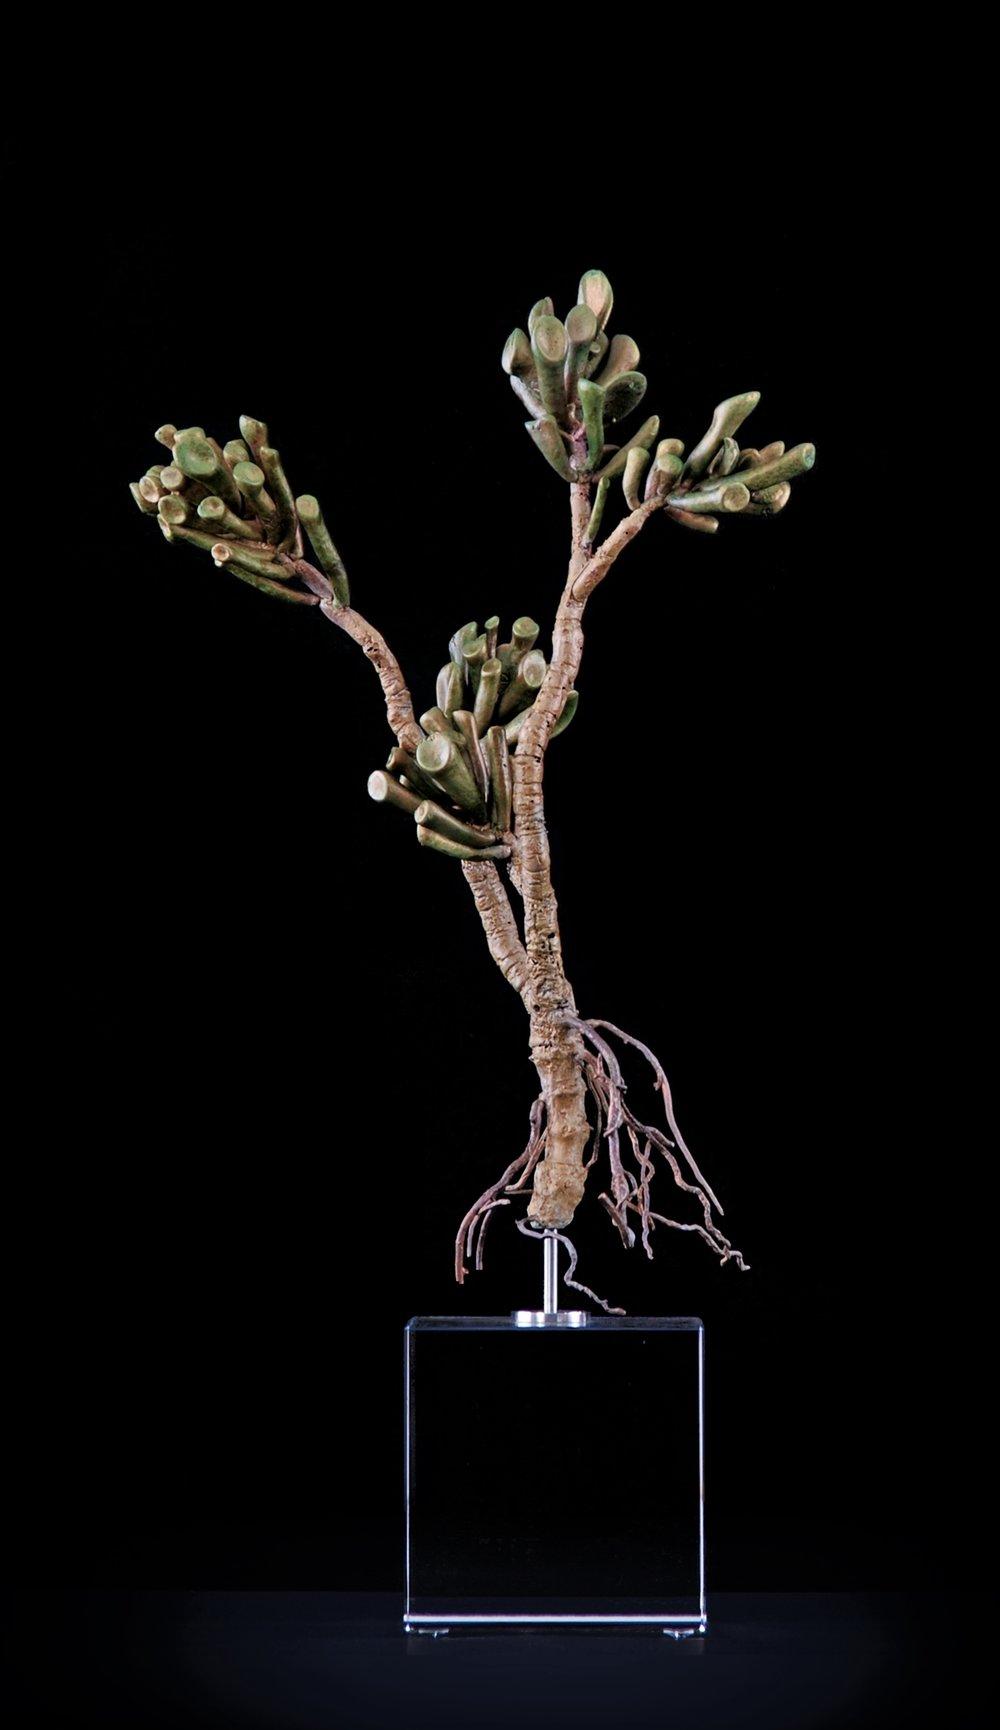 <i>Crassula ovata 'gollum variegata'</i>